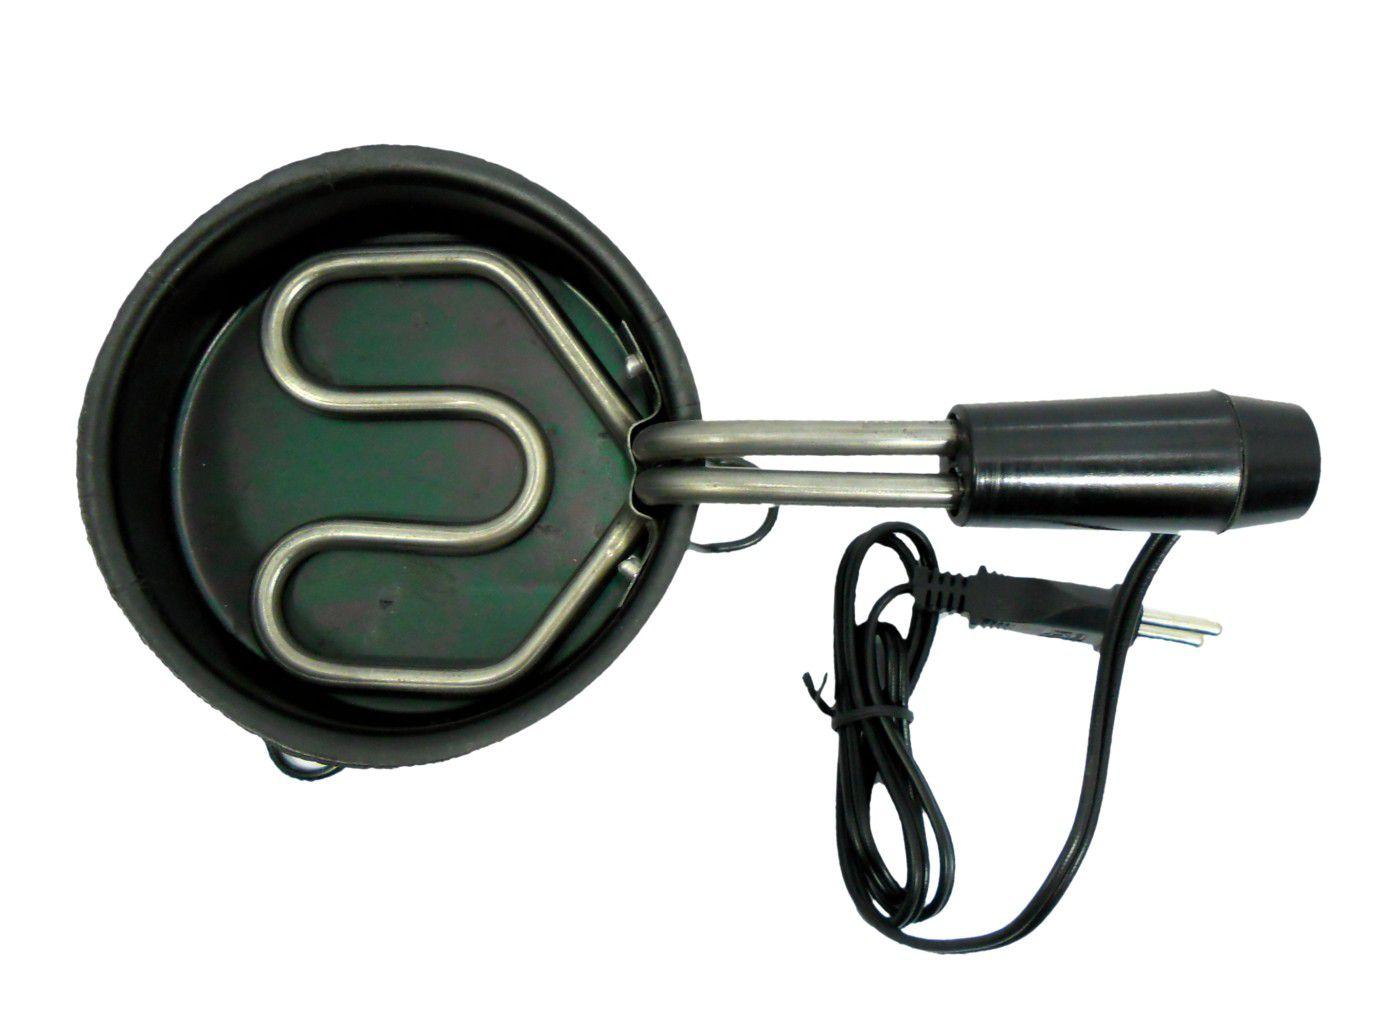 Fogareiro elétrico para acender carvão tipo panelinha MÉDIO, resistência blindada 400W(127V ou 220V)